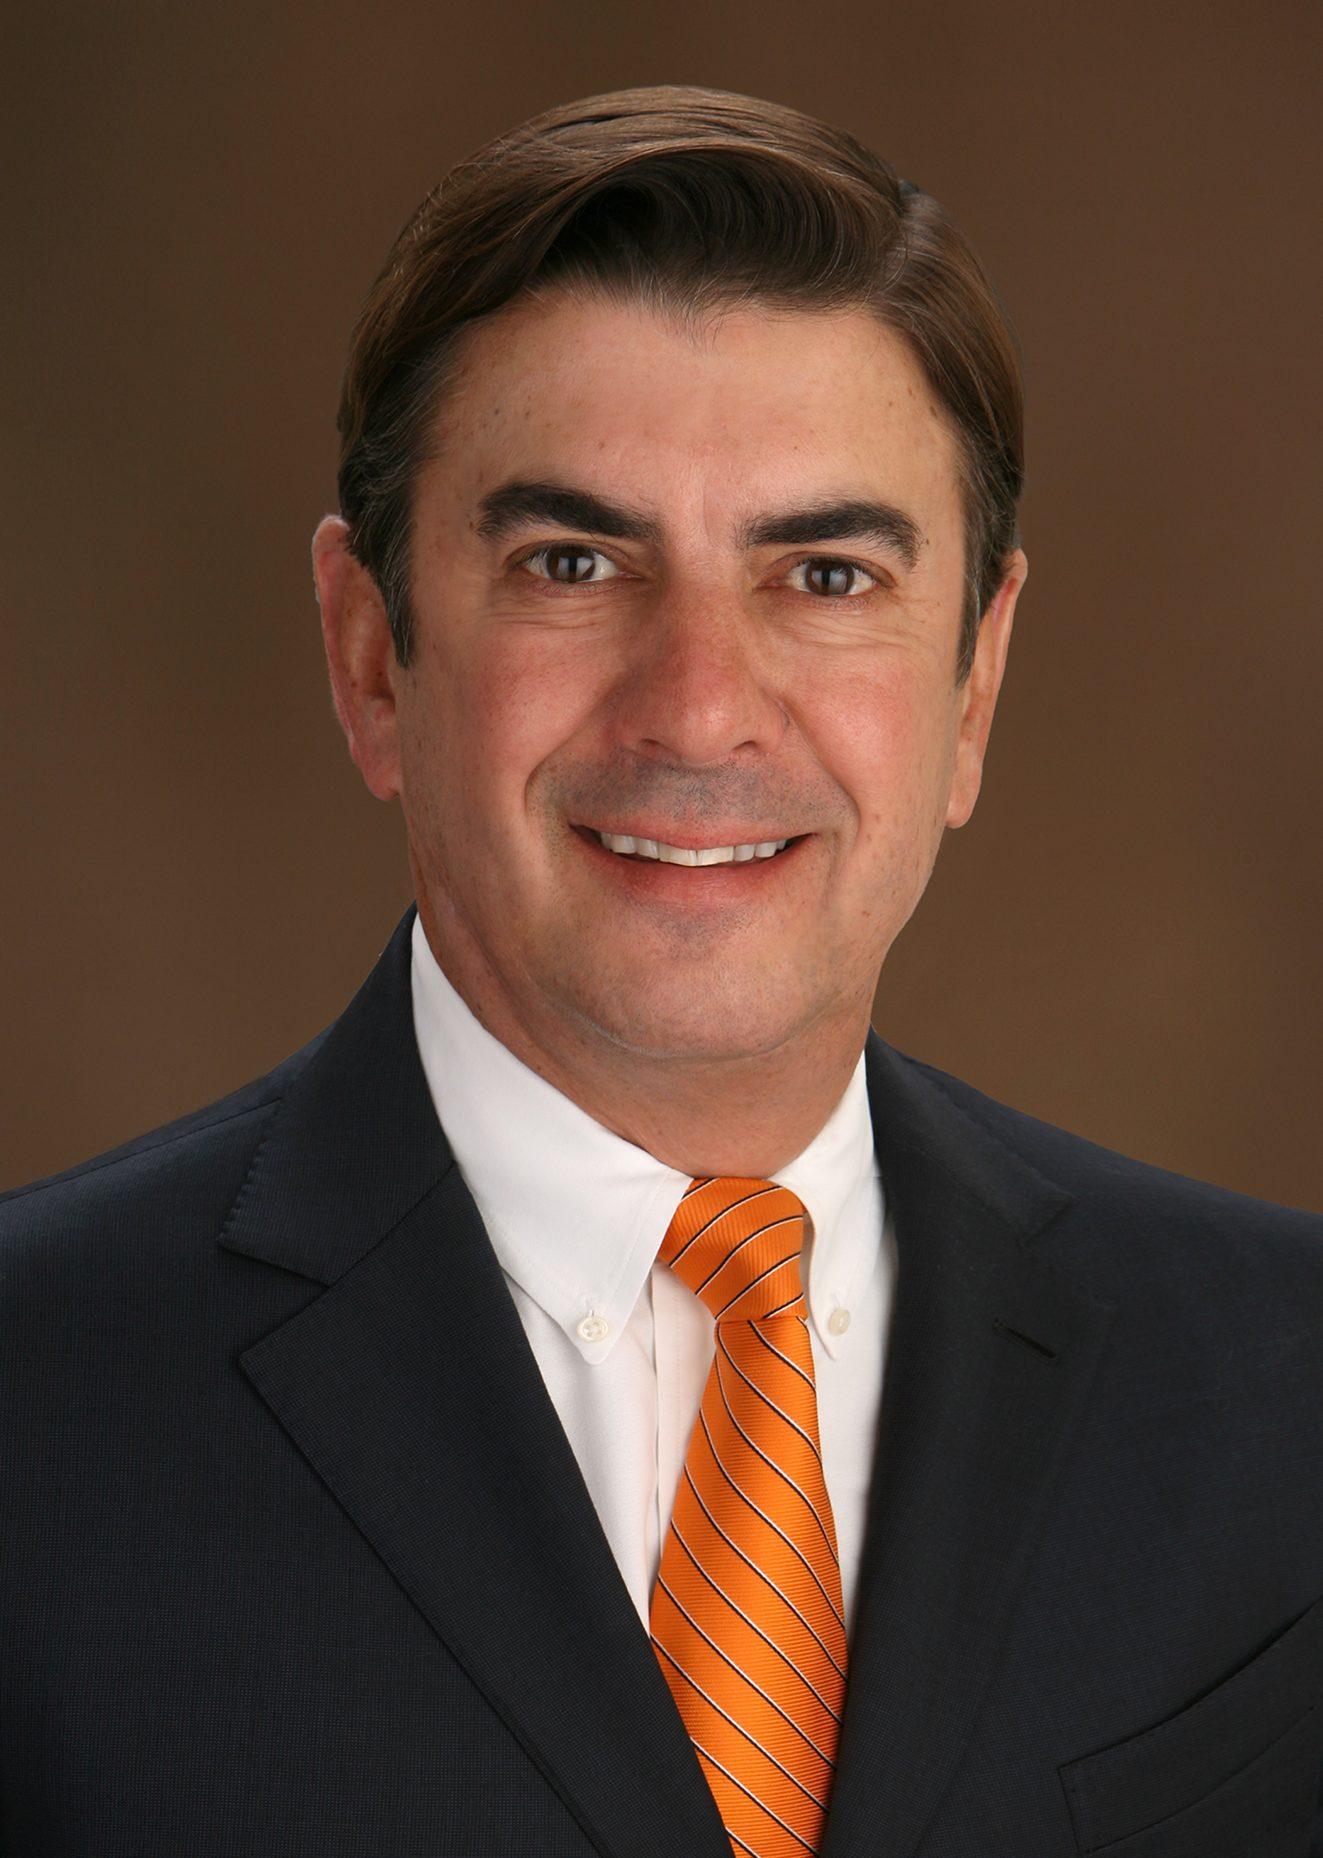 Edward Ricciardelli, MD